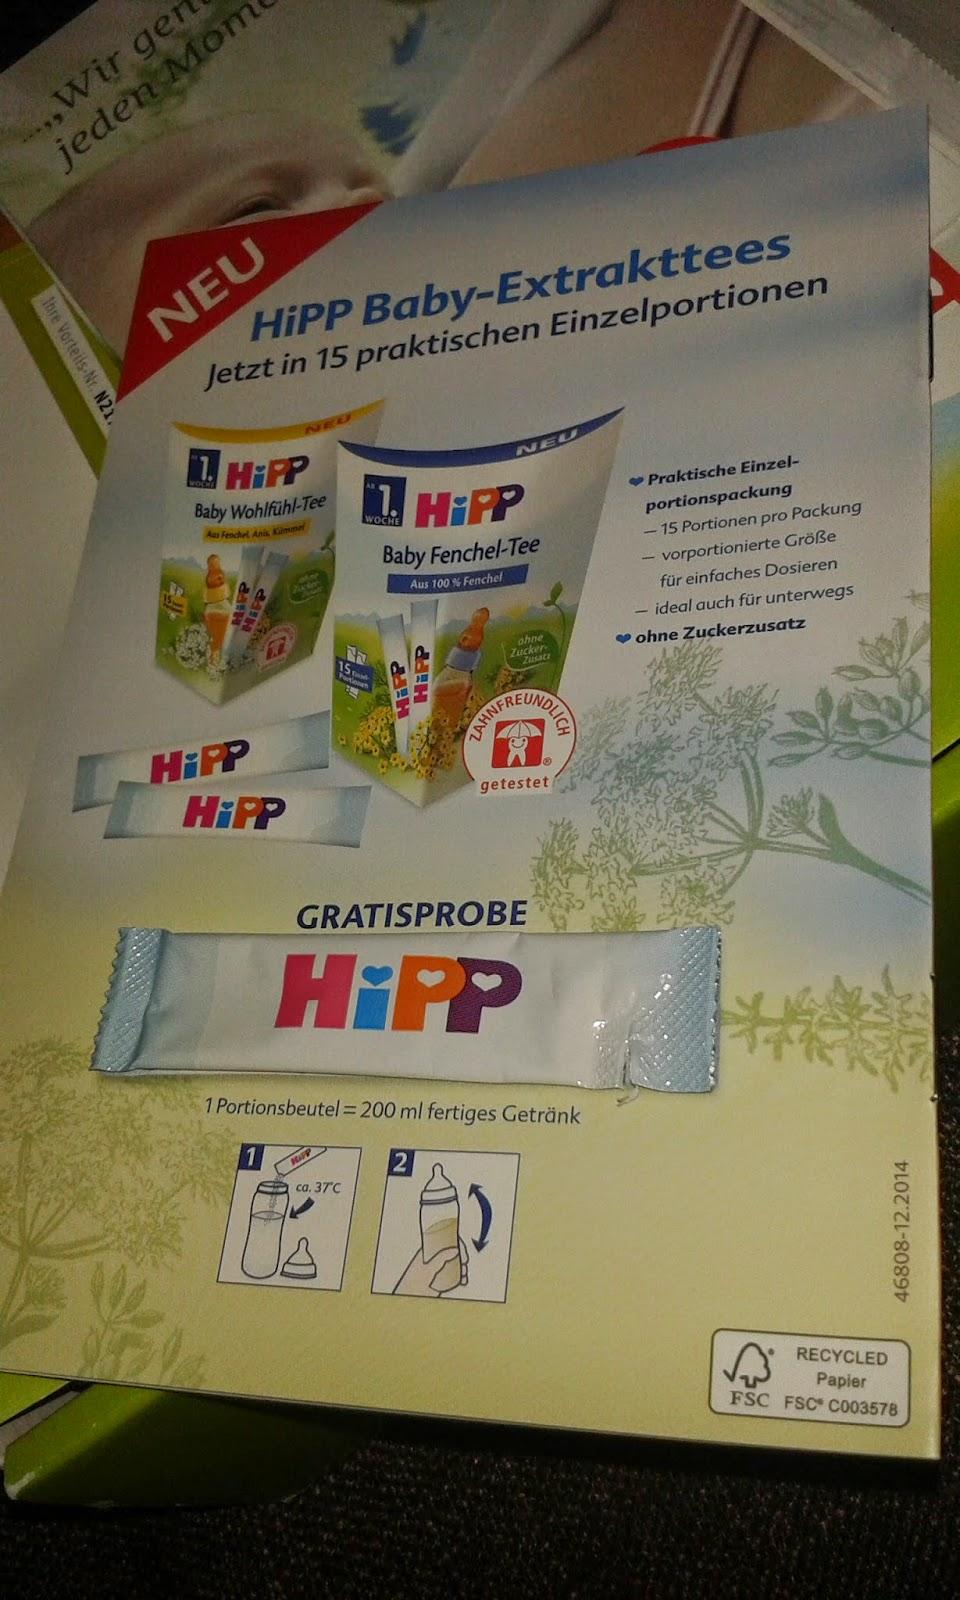 hipp commerzbank gutschein